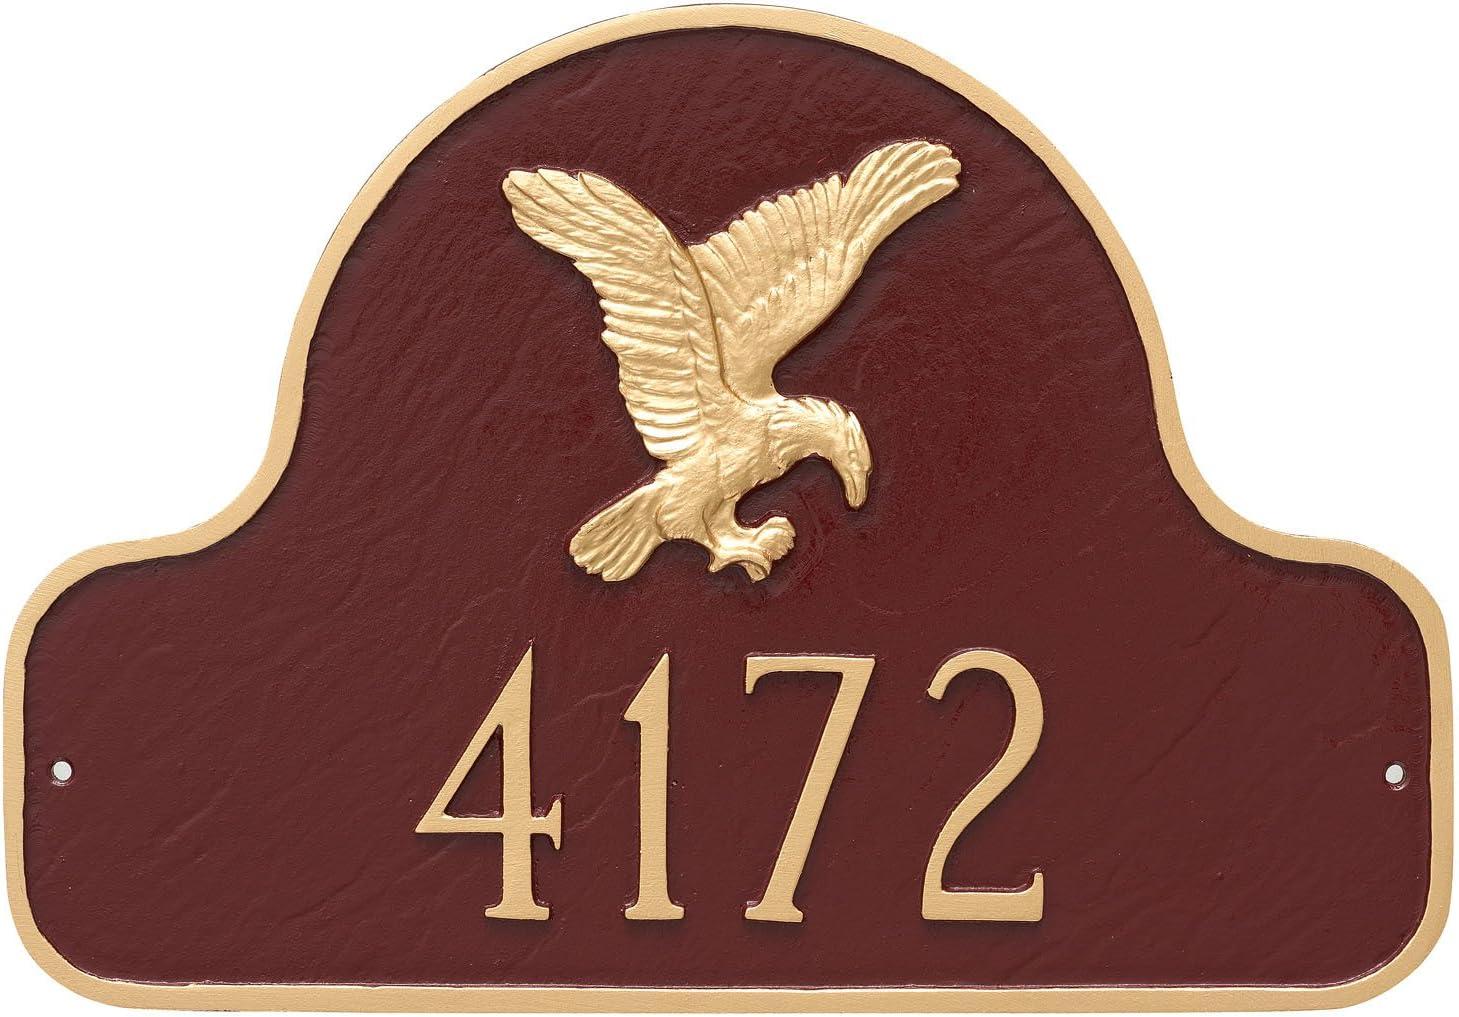 Montague Metal PCS-0085S1-W-TW Eagle Arch Address Sign Plaque, 1